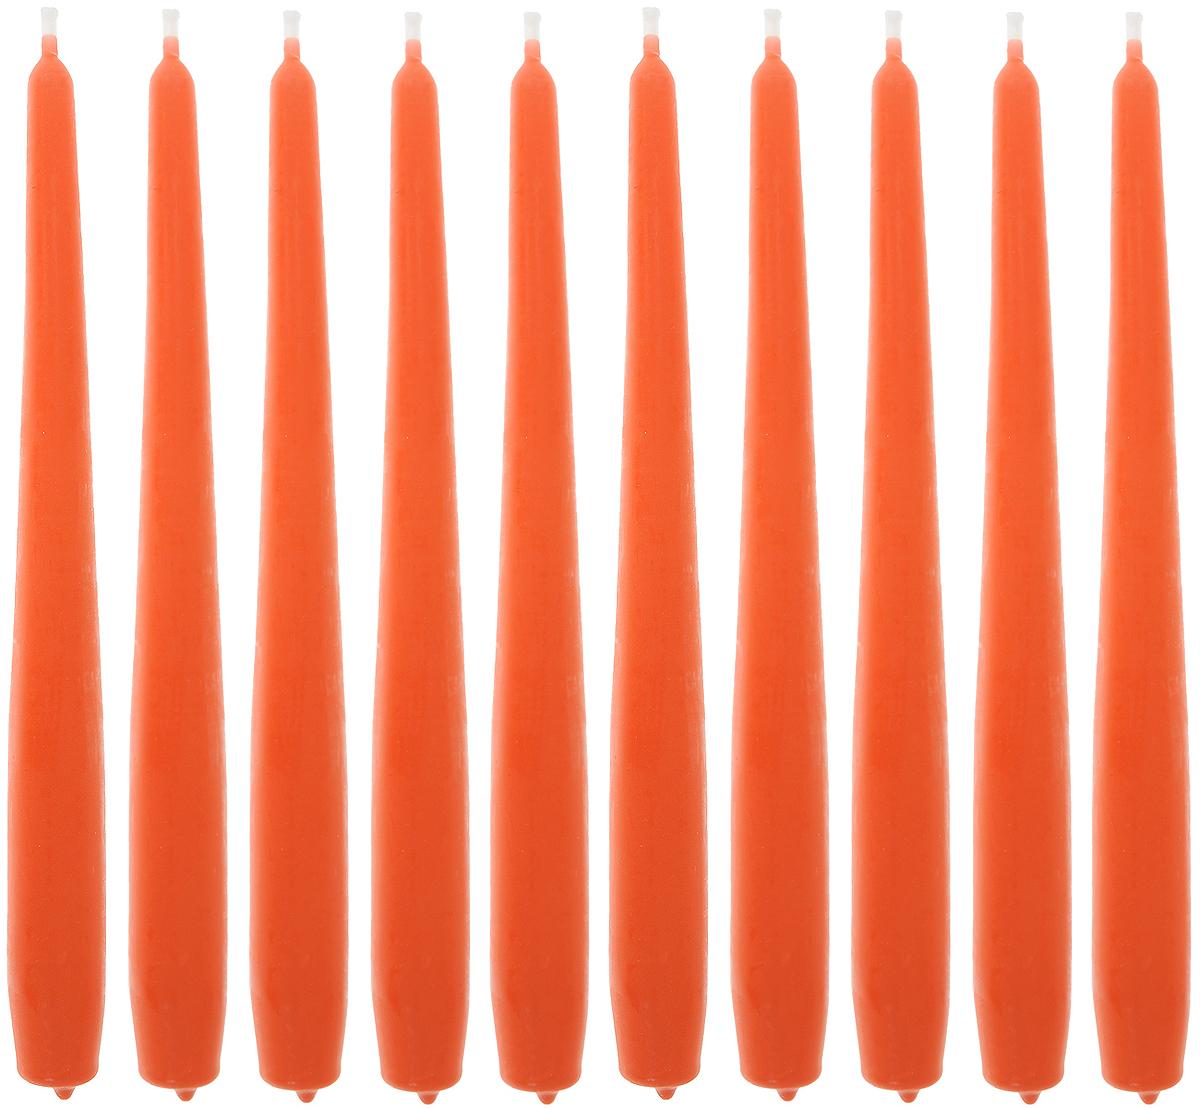 Набор свечей Омский cвечной завод, цвет: оранжевый, высота 24 см, 10 штБрелок для ключейНабор Омский cвечной завод состоит из 10 свечей, изготовленных из парафина и хлопчатобумажной нити. Такие свечи создадут атмосферу таинственности и загадочности и наполнят ваш дом волшебством и ощущением праздника. Хороший сувенир для друзей и близких.Примерное время горения: 7 часов. Высота: 24 см. Диаметр: 2 см.